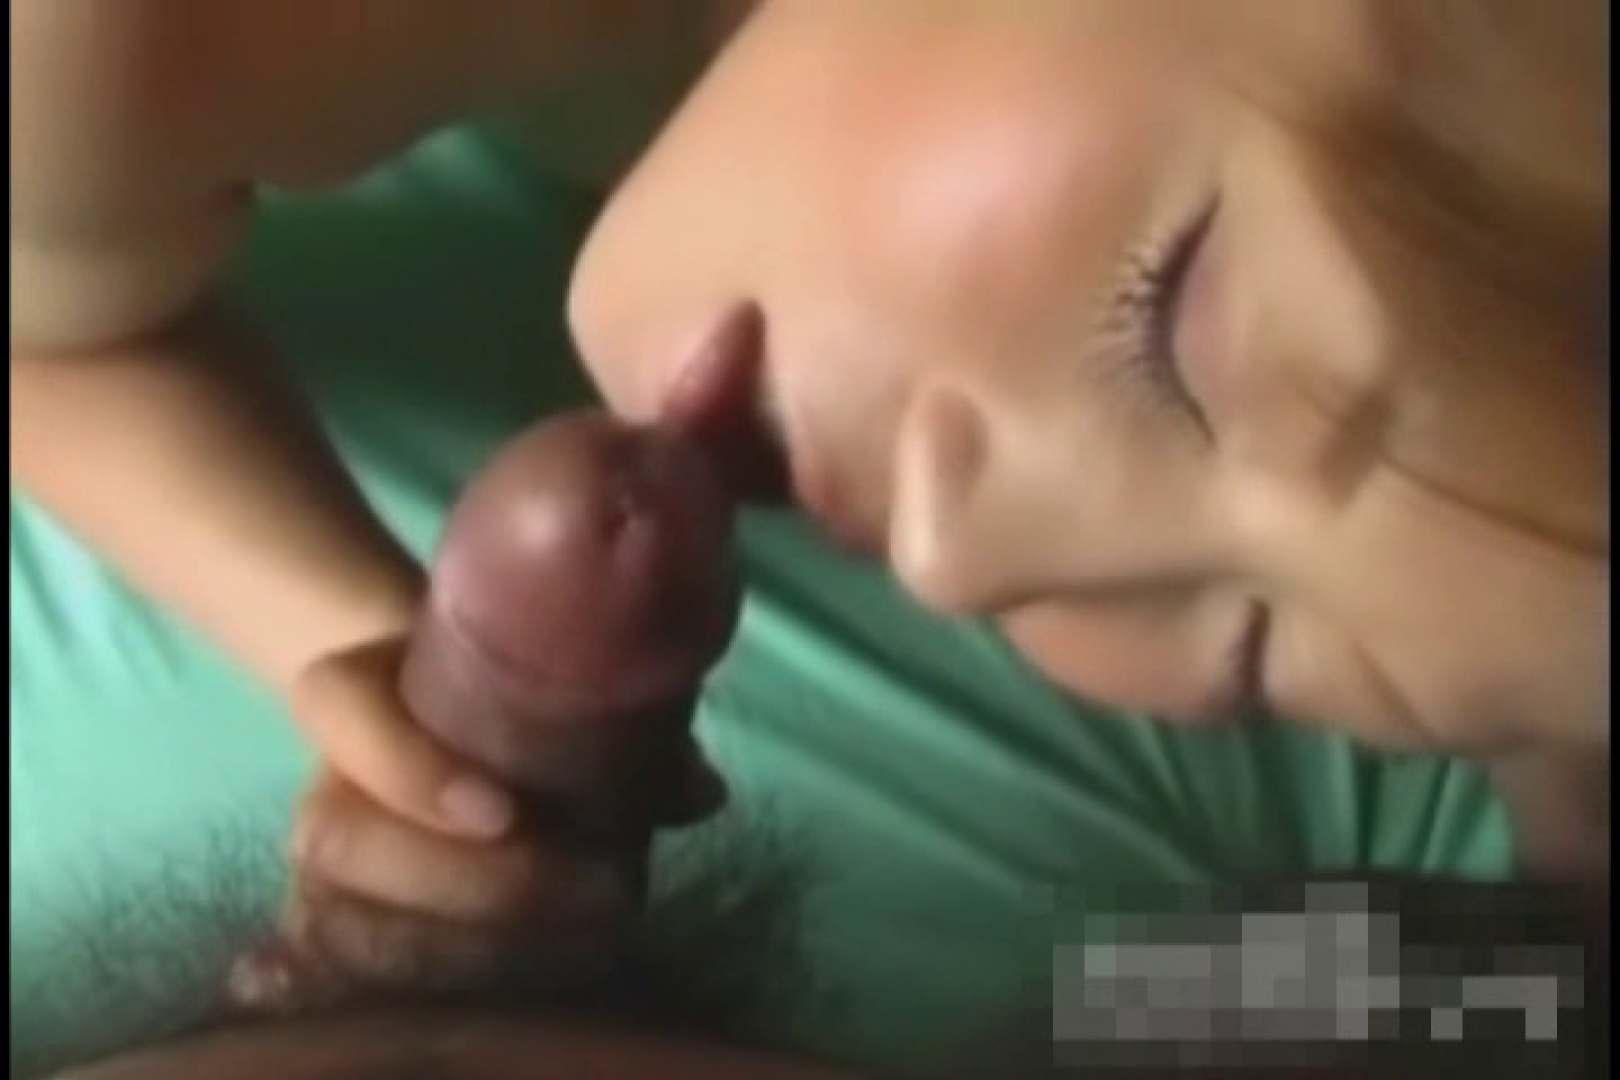 淫乱嬢レミちゃんとハメ撮りSEX 巨乳に挟まれたい ワレメ動画紹介 105pic 43